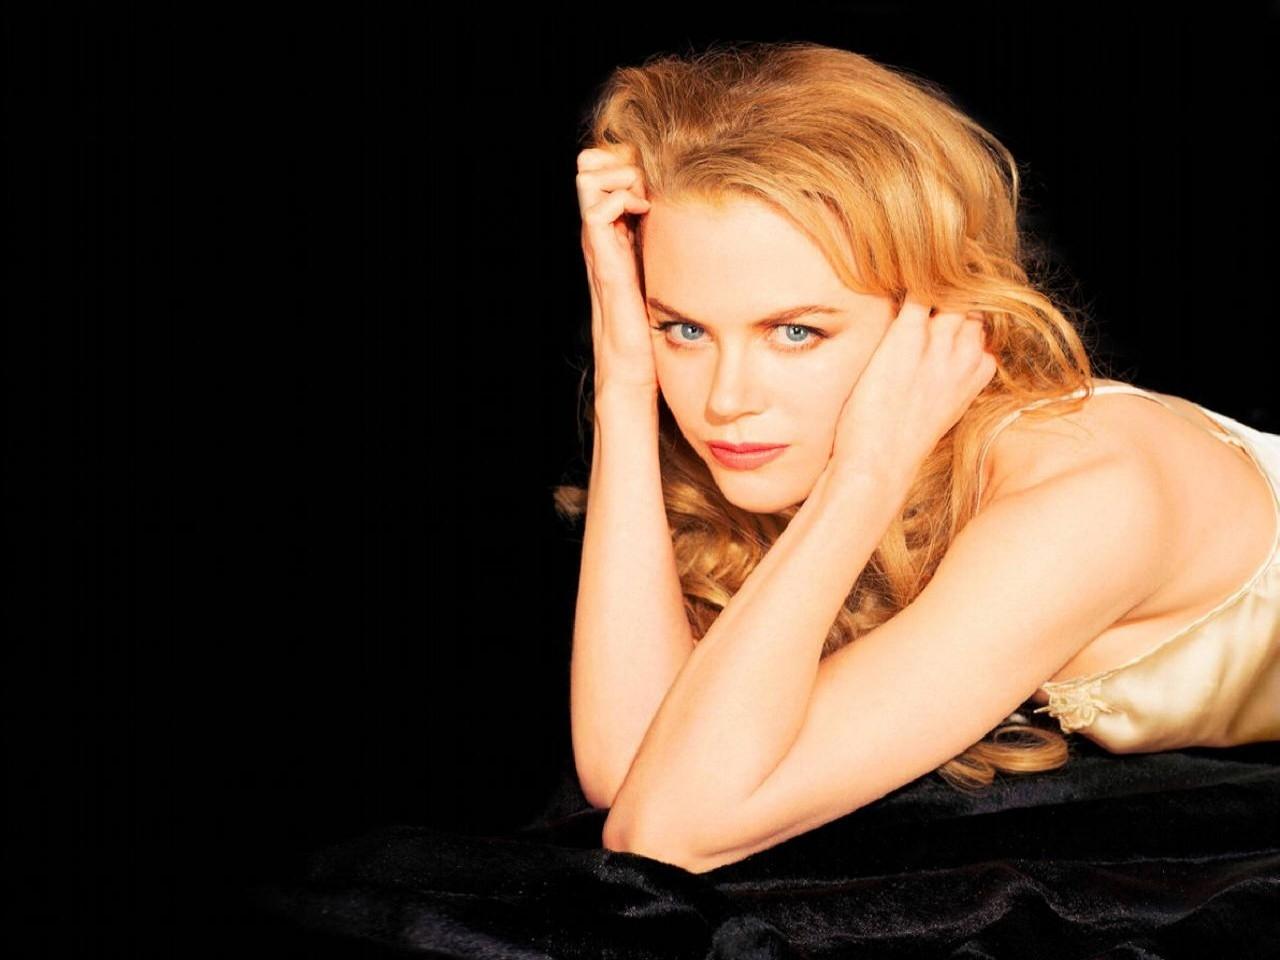 Wallpaper di Nicole Kidman su un fondo nero